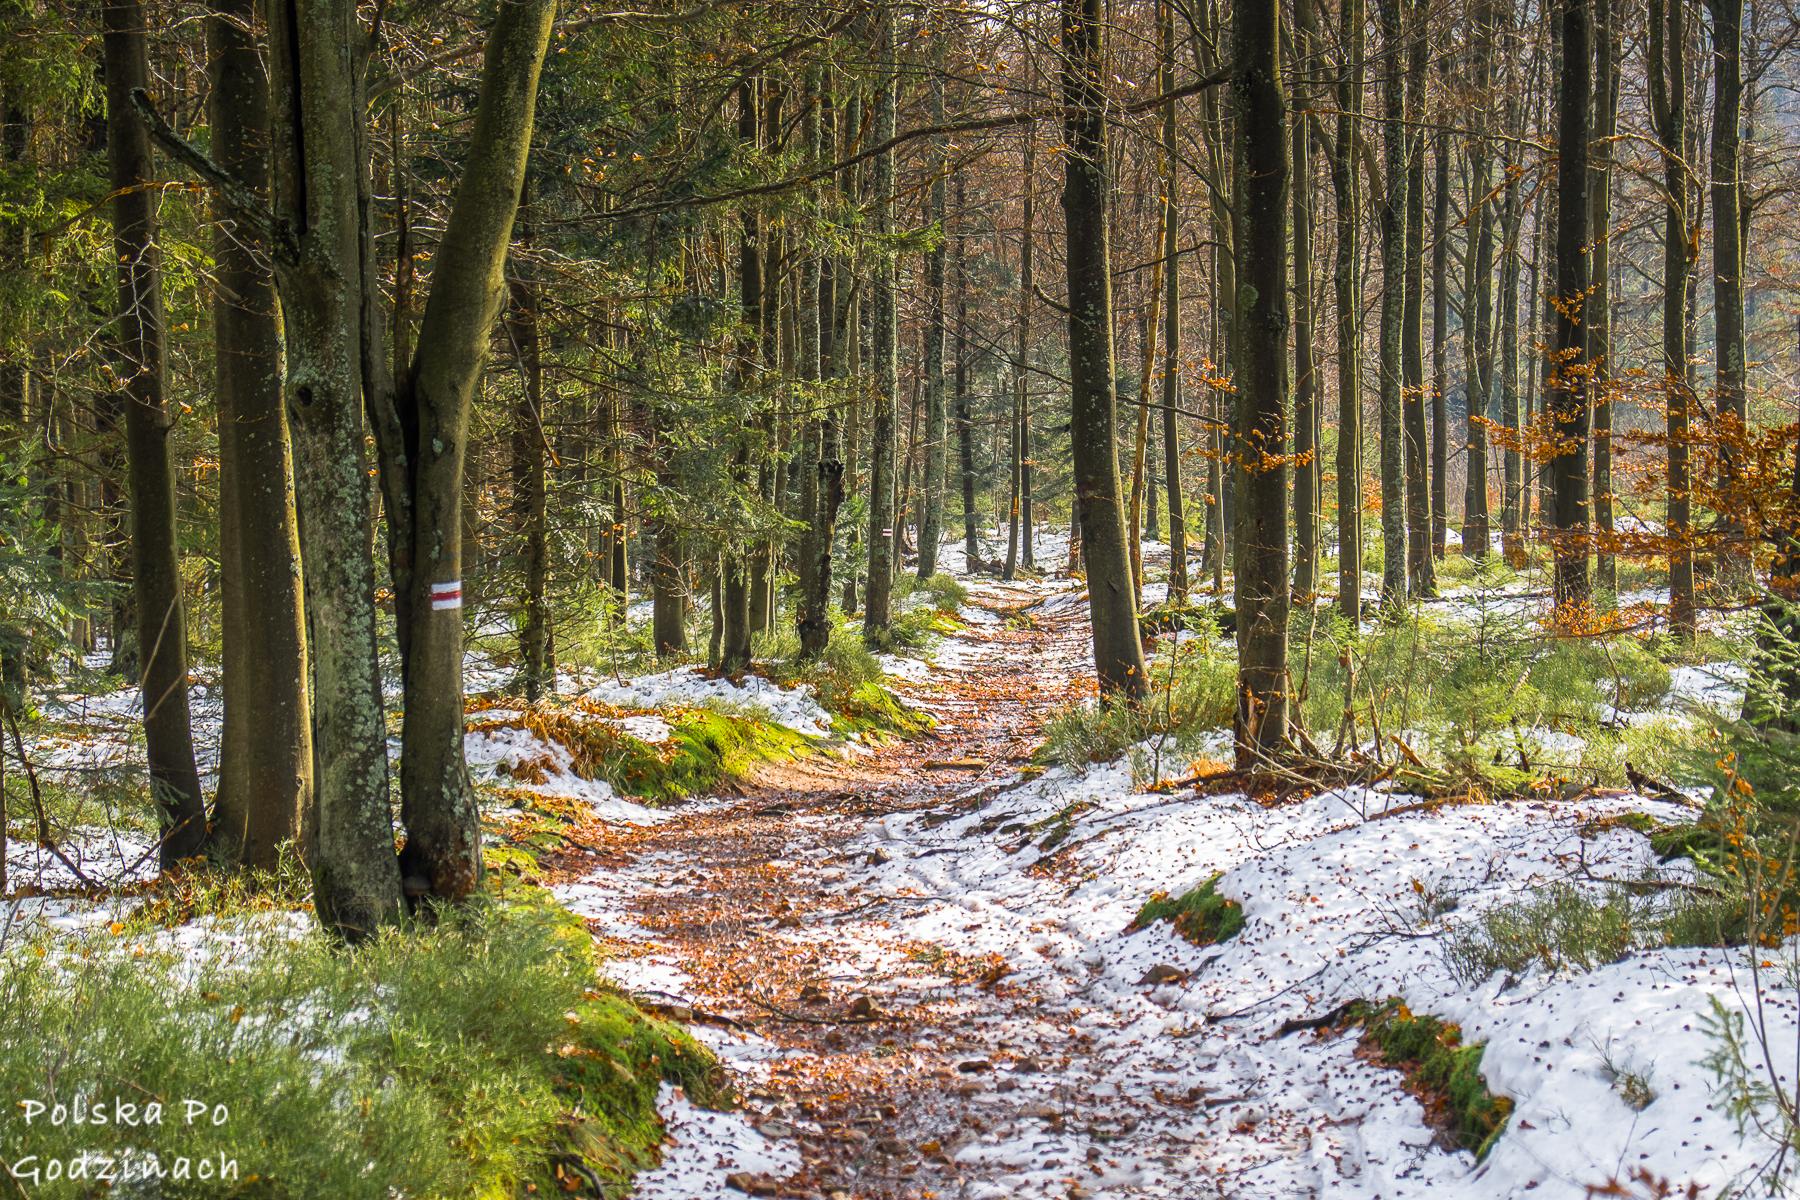 zimowe szlaki w beskidzie sadeckim